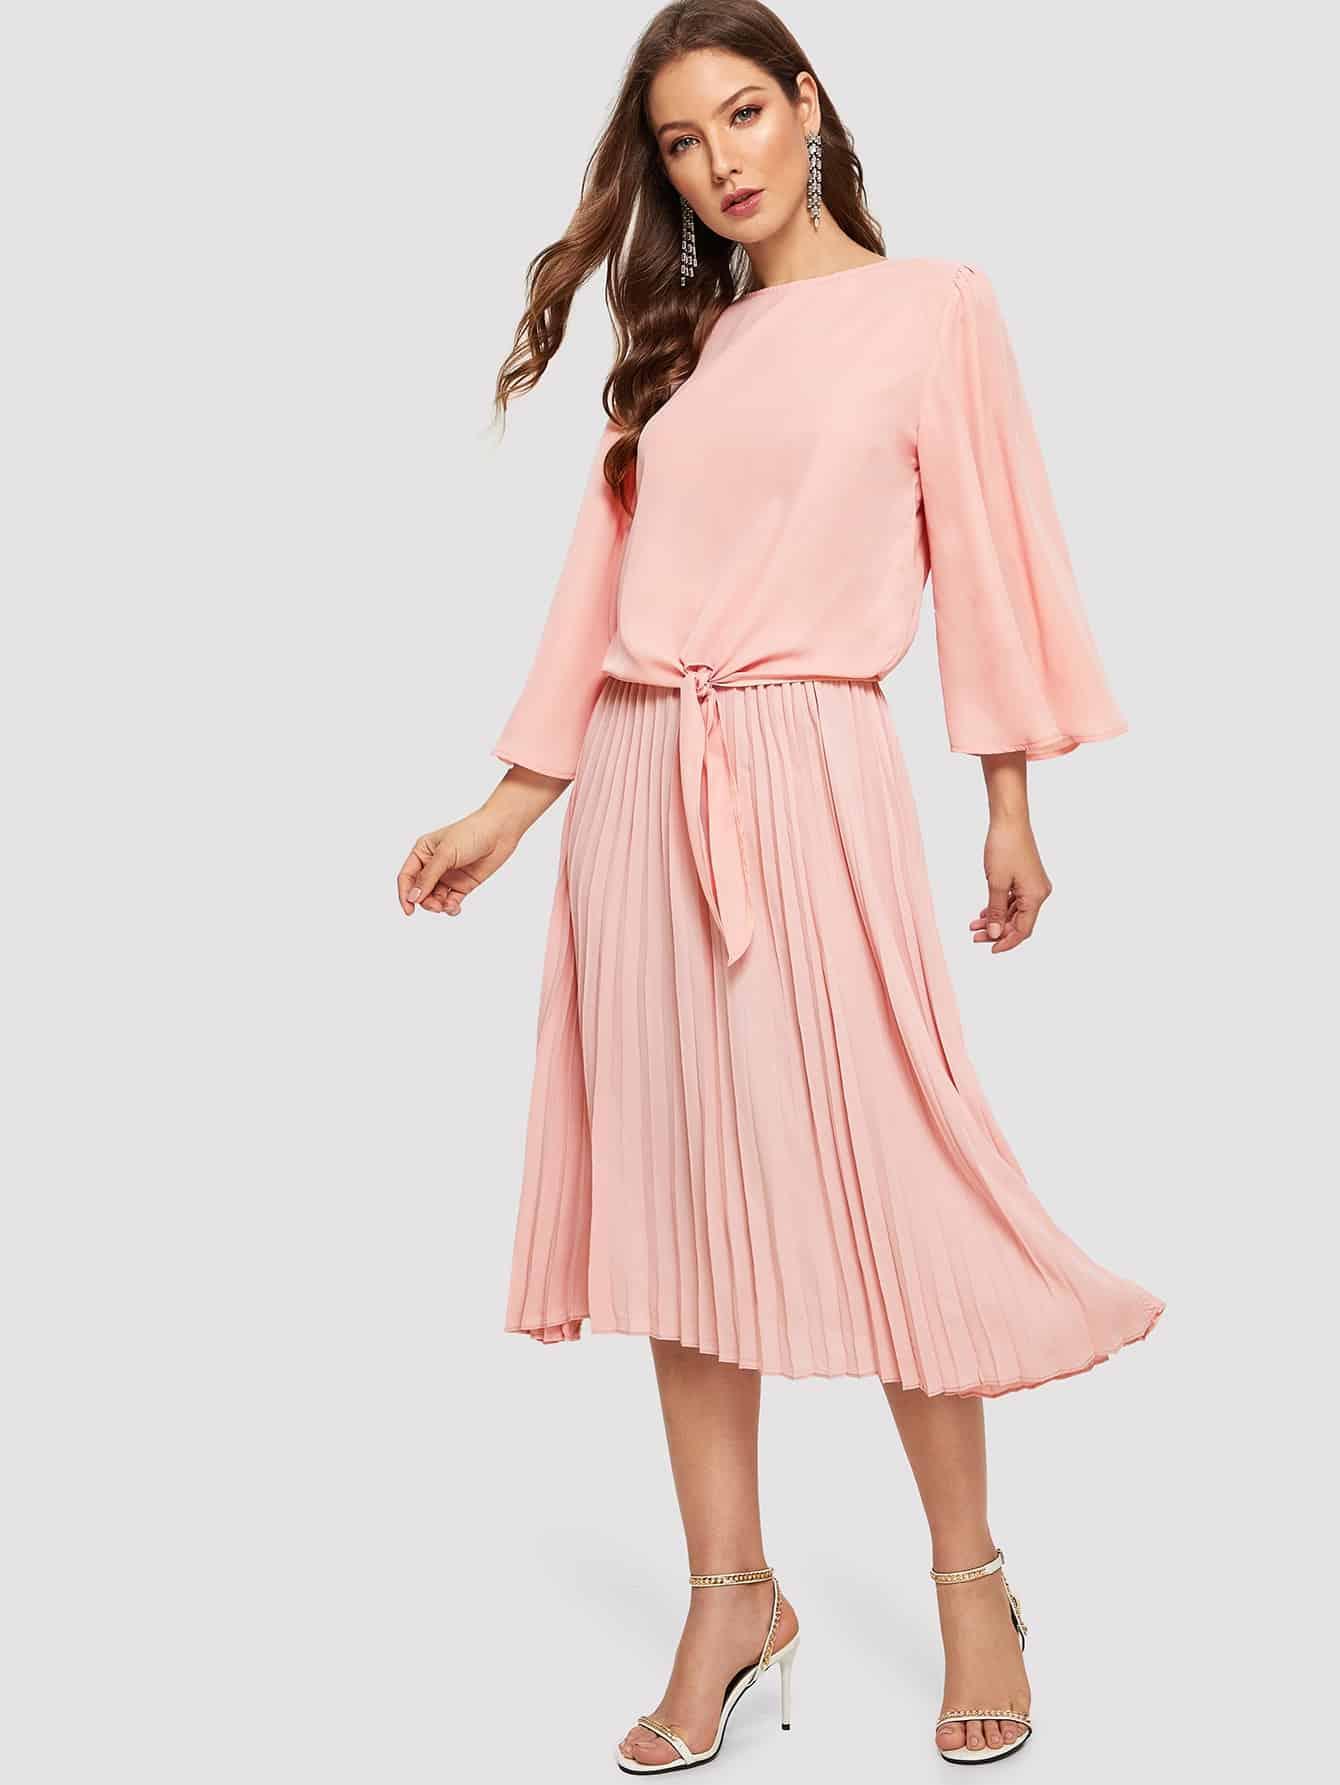 Купить Топ с оригинальным рукавом и юбка со складками комплект, Debi Cruz, SheIn